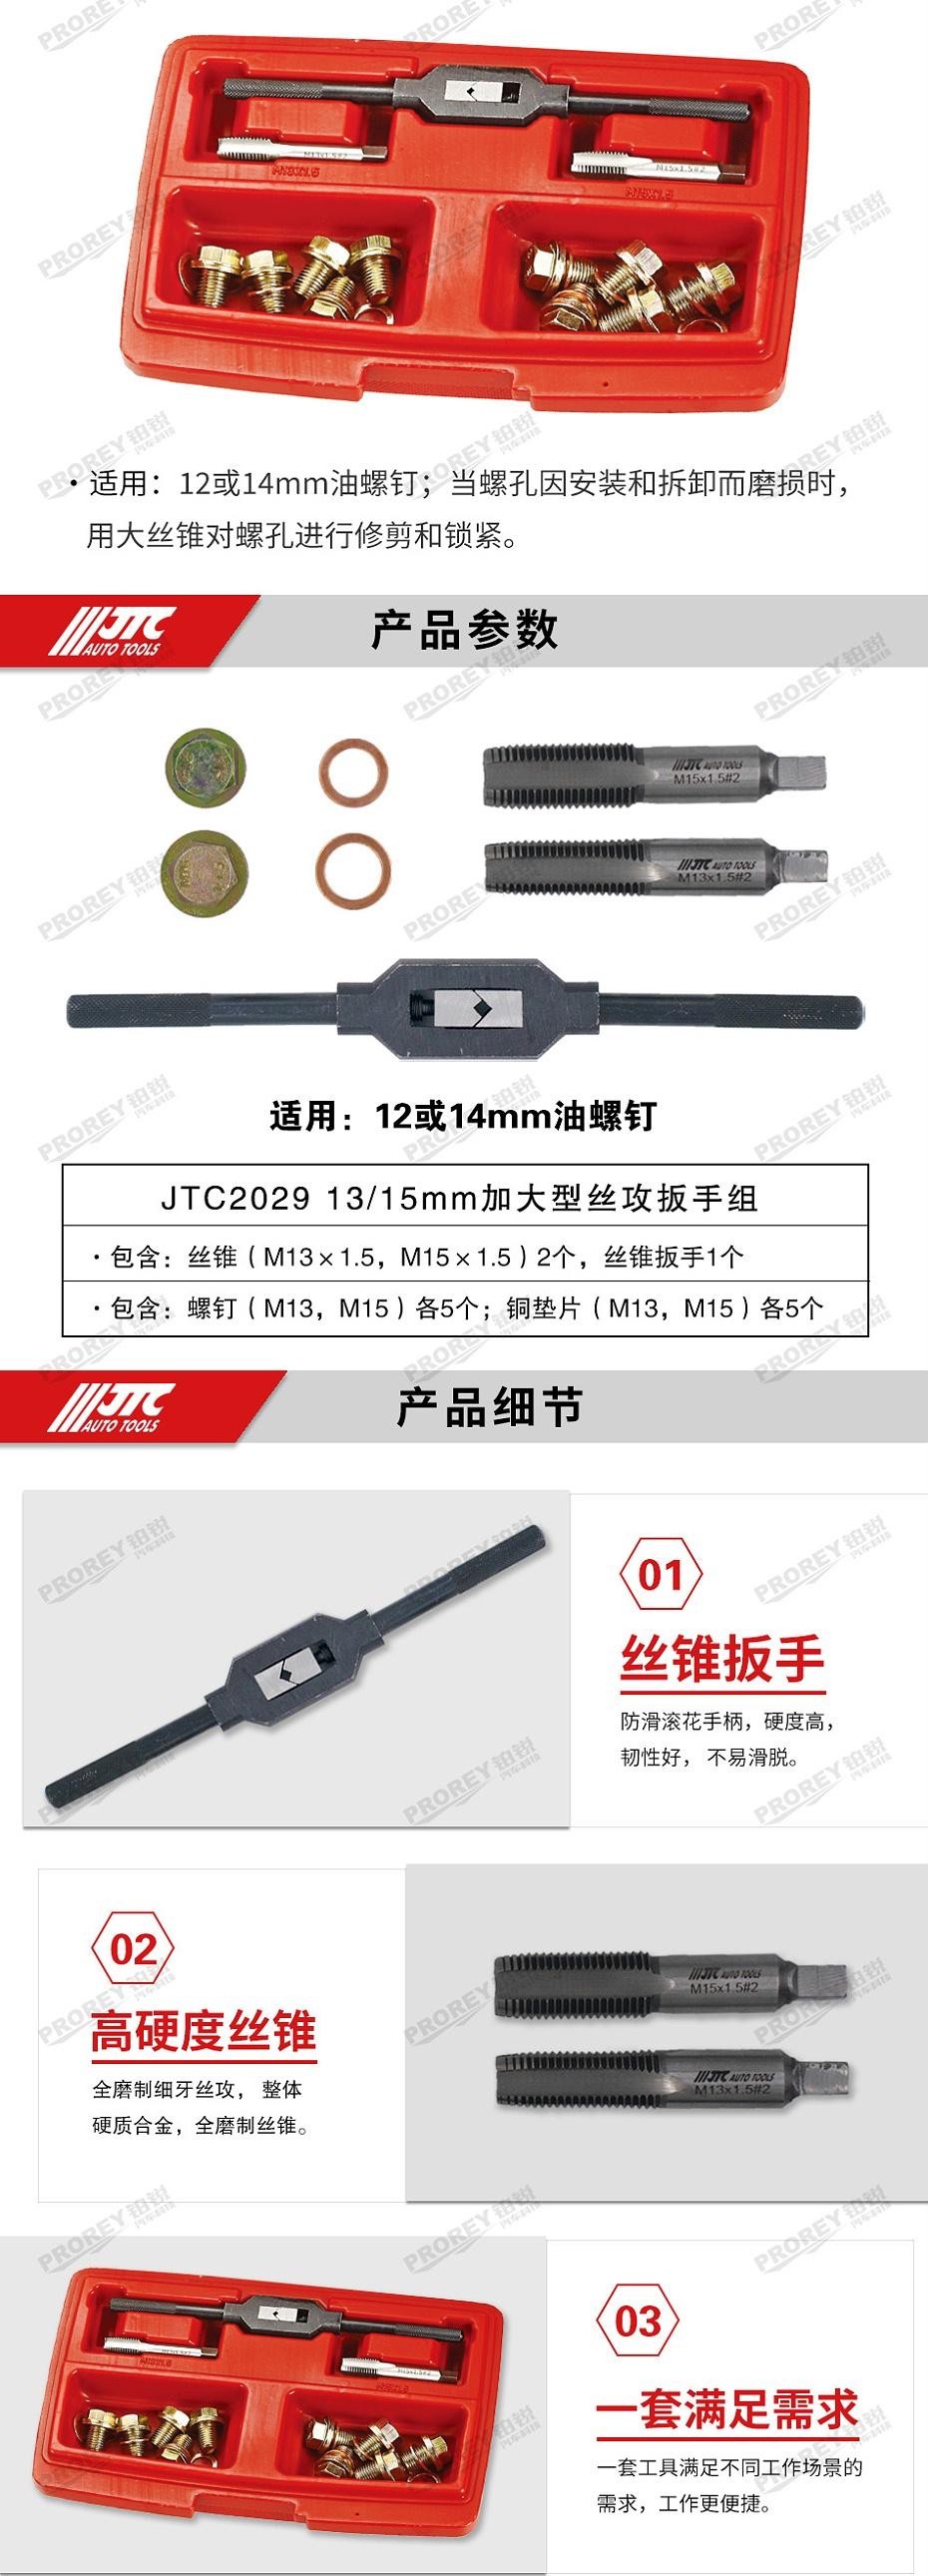 GW-130040730-JTC-2029-1315mm加大型丝攻扳手组 -2